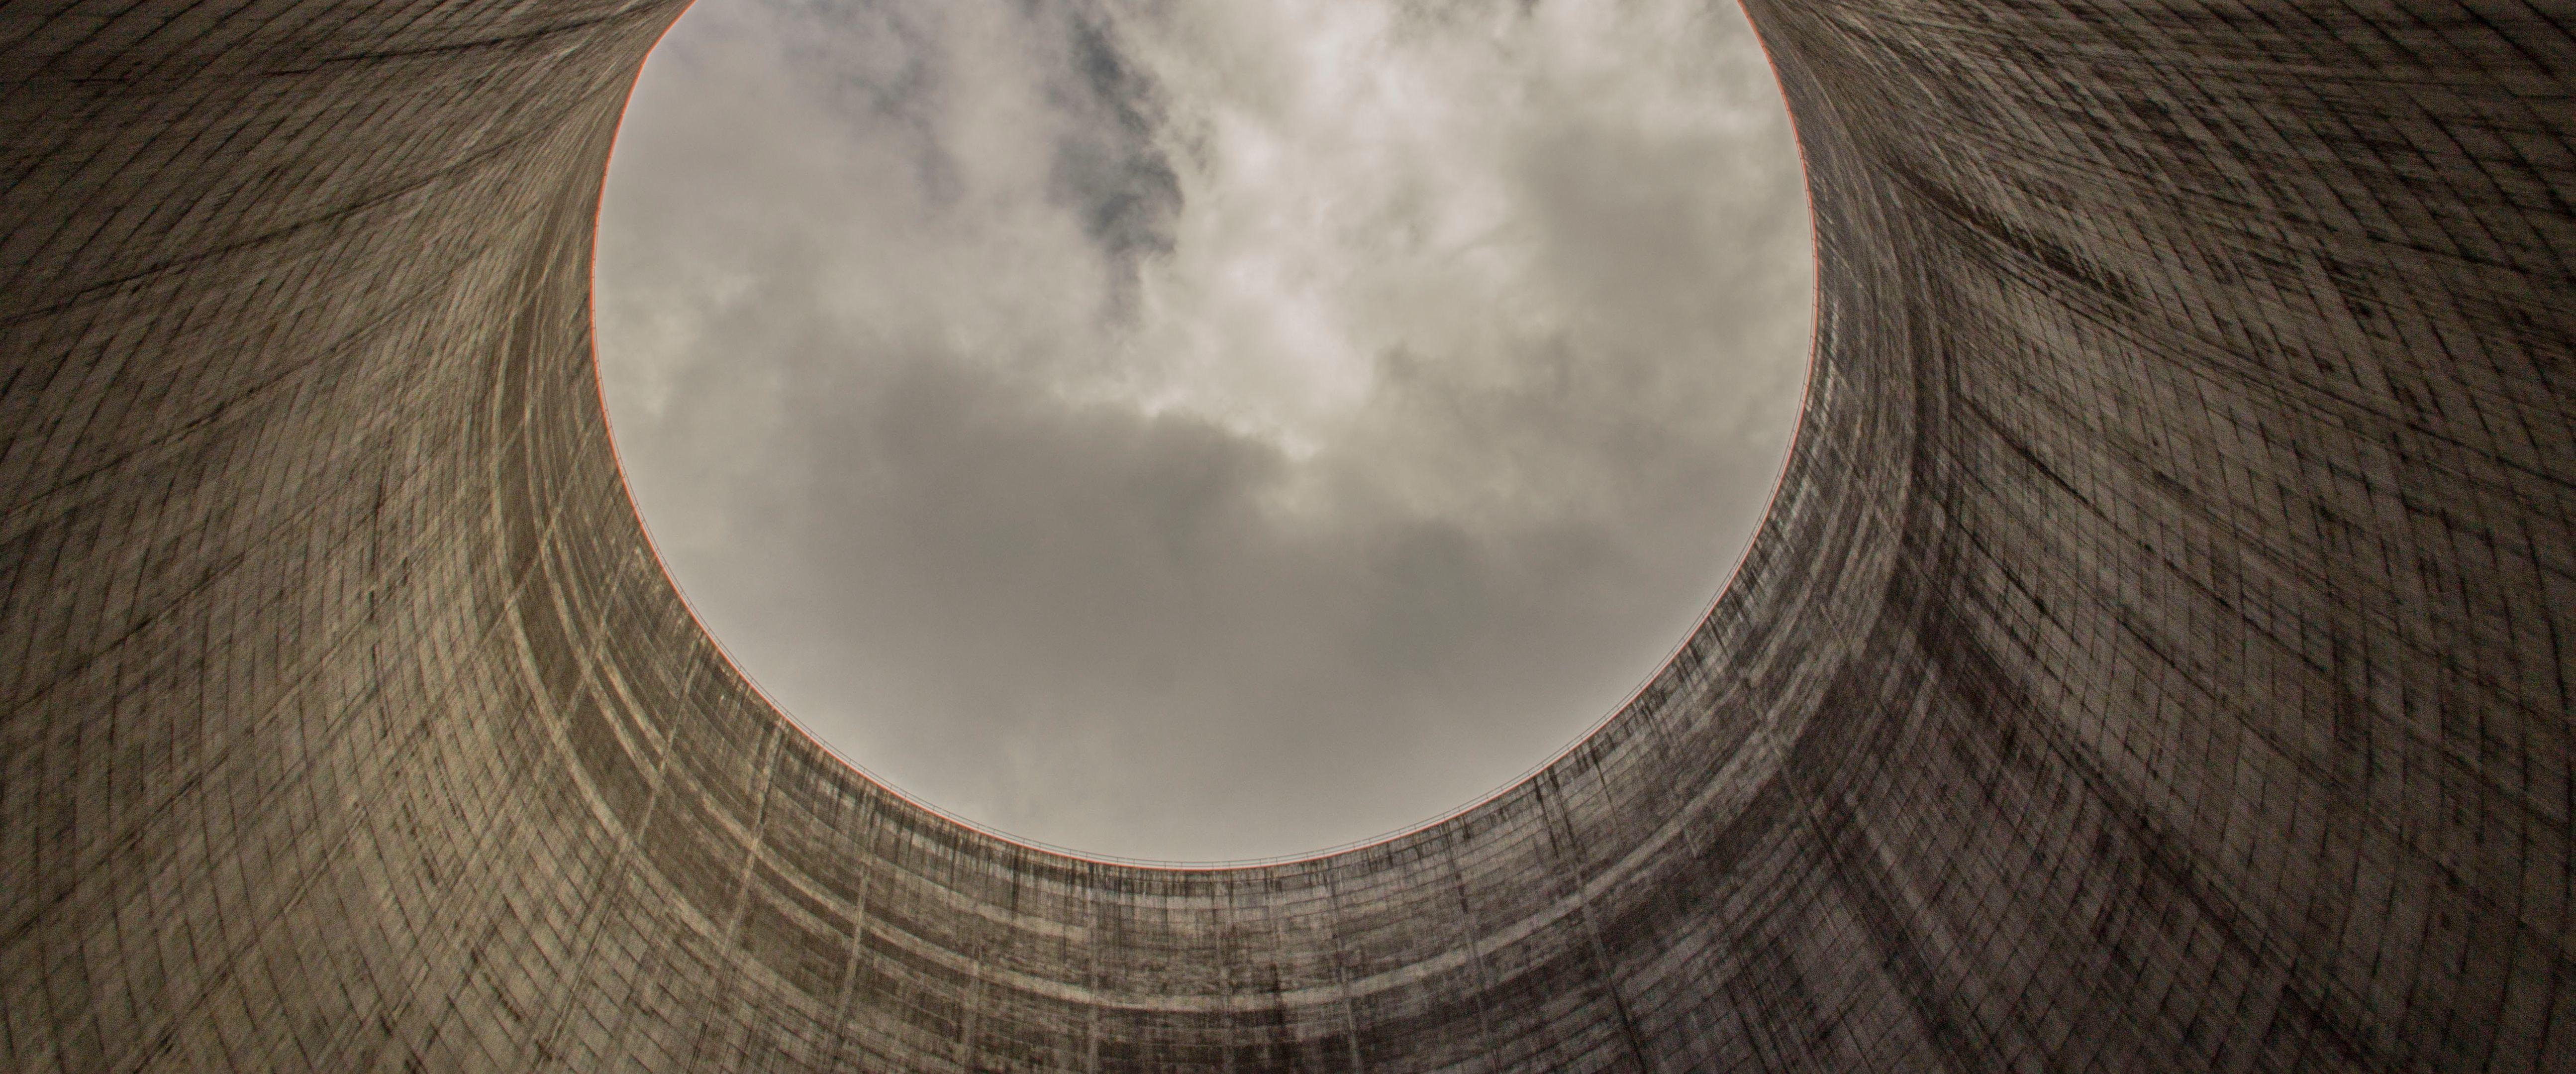 limpieza de Fukushima